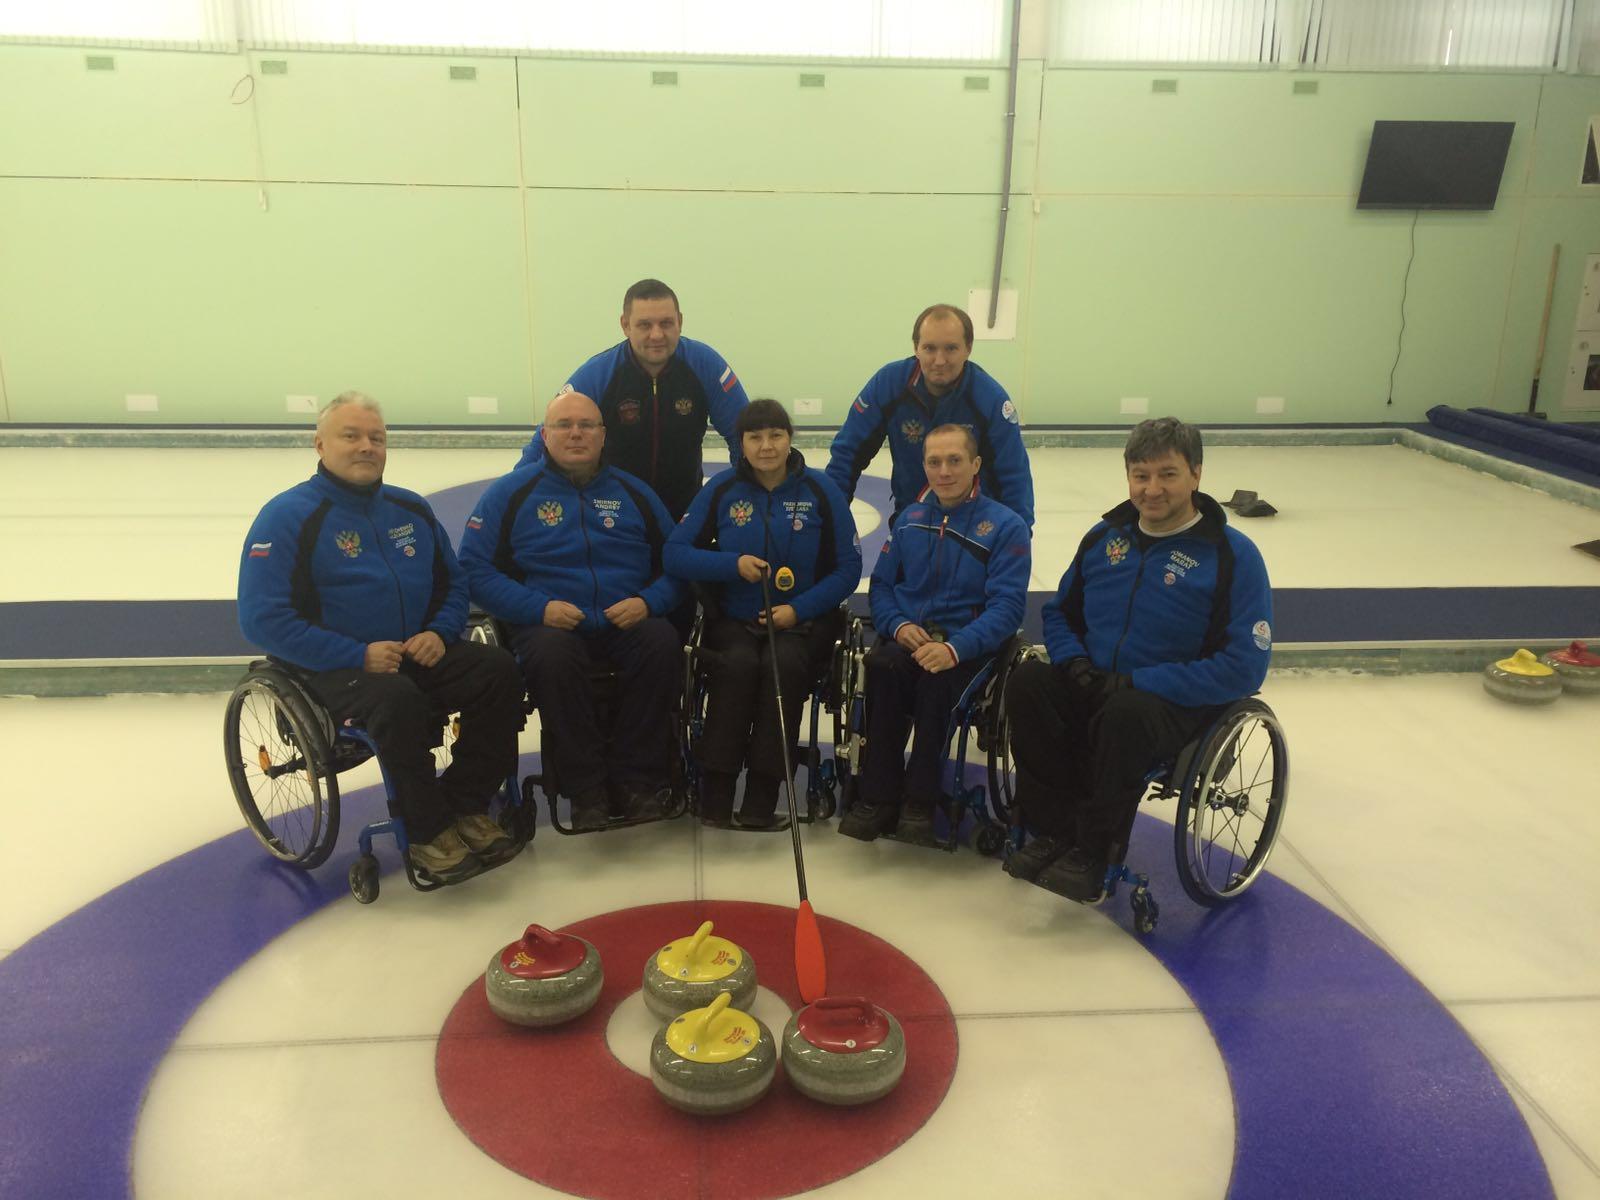 Сборная команда России вылетела в Швейцарию для участия в чемпионате мира по керлингу на колясках